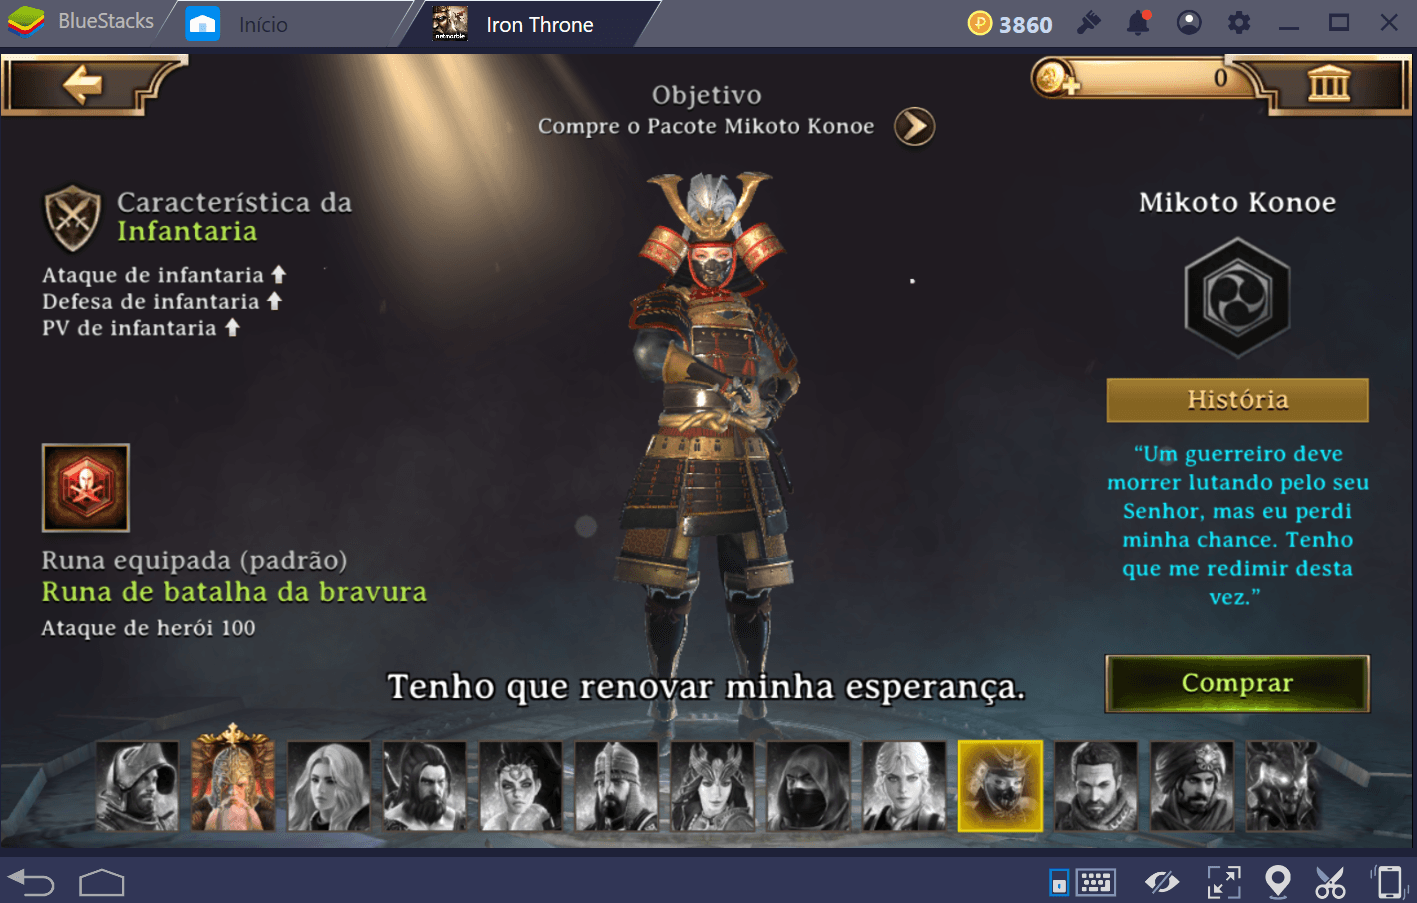 Guia de heróis em Iron Throne